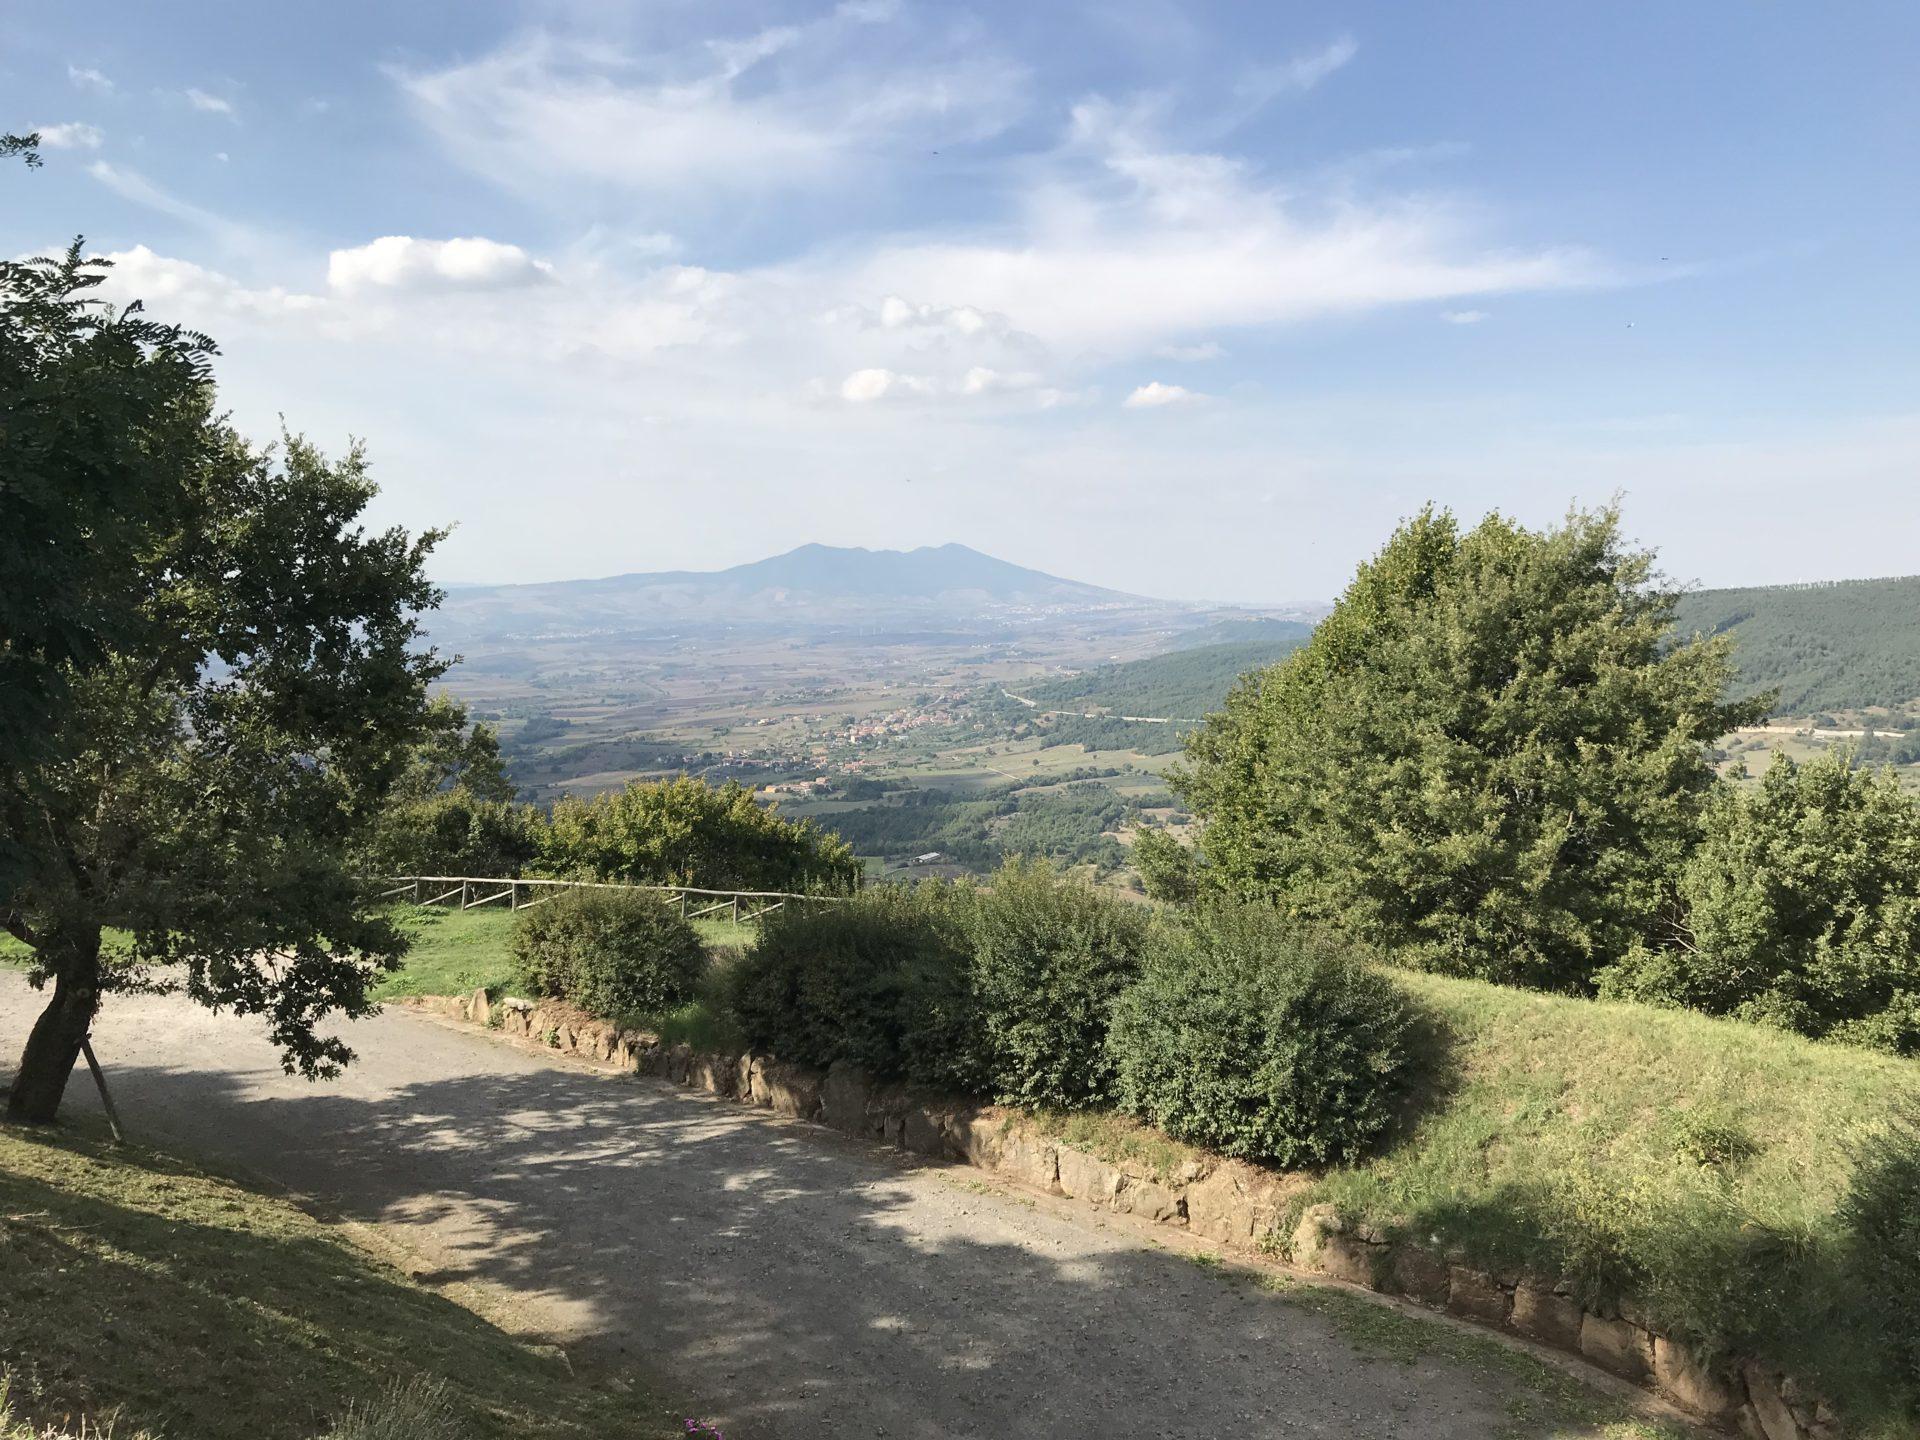 Lagopesole: Aussicht auf den Monte Vulture vom castello di Lagopesole gesehen